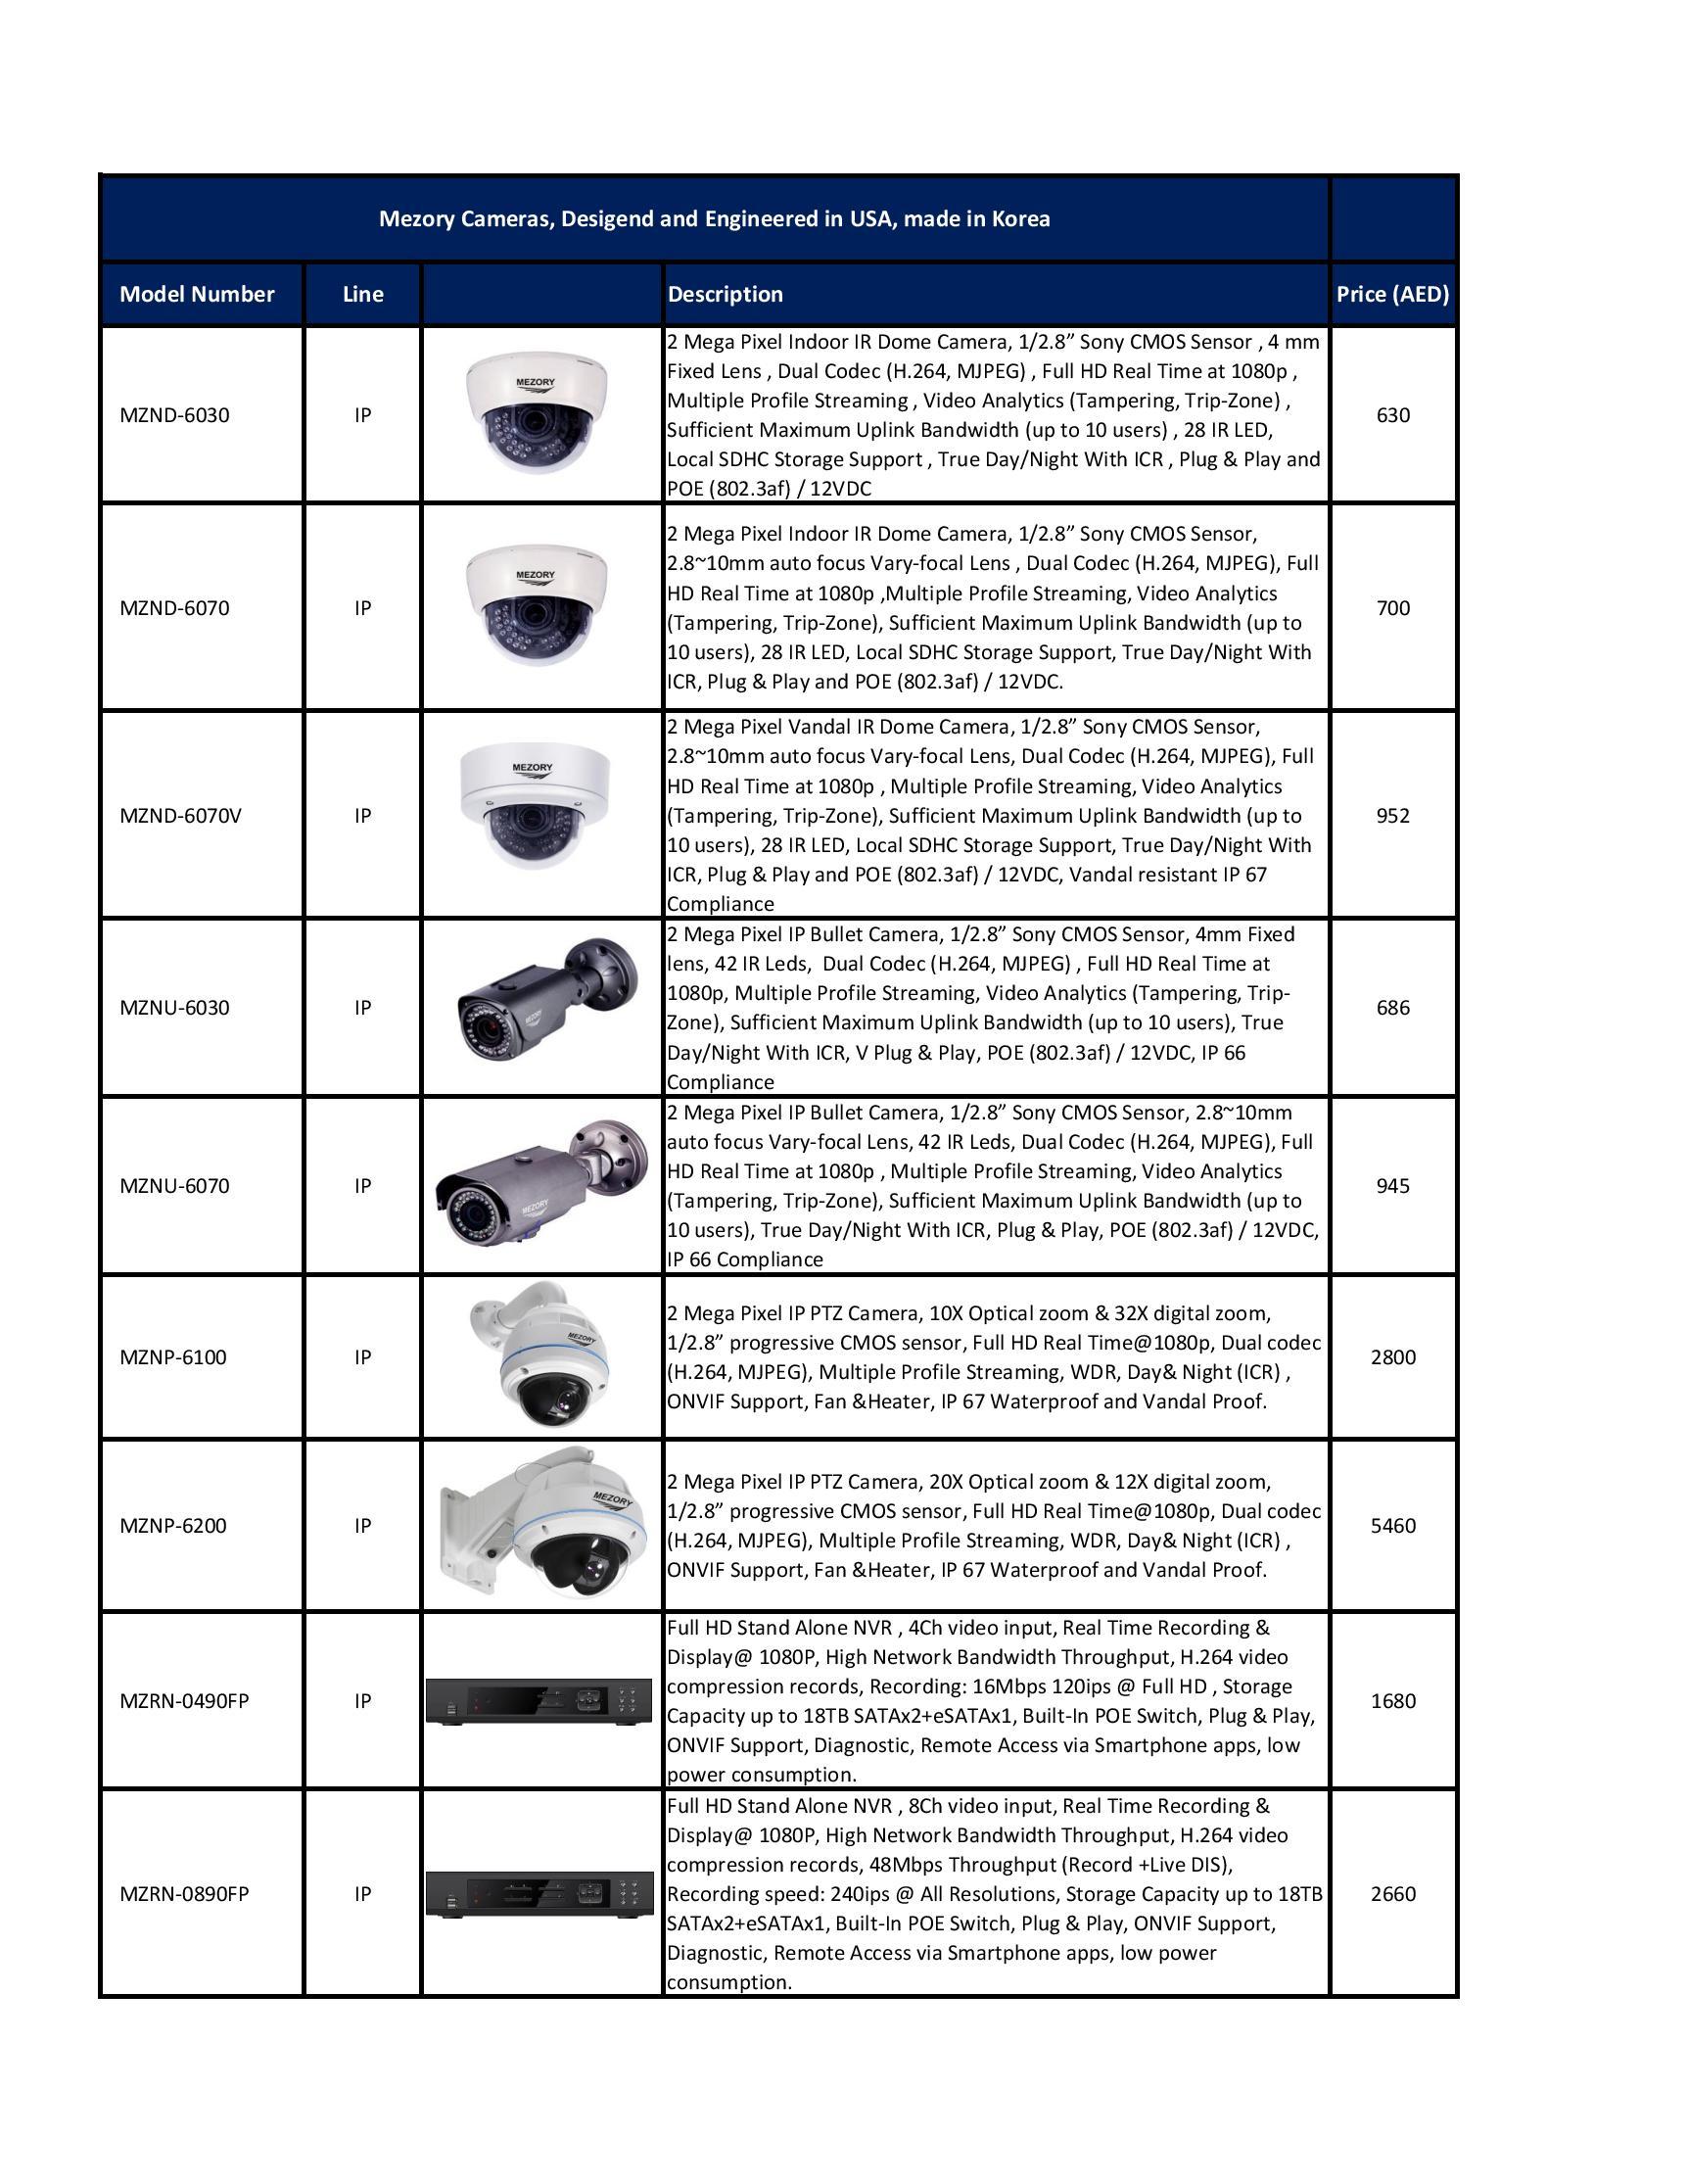 Price List UAE2016 (4-9-2016)-page-001